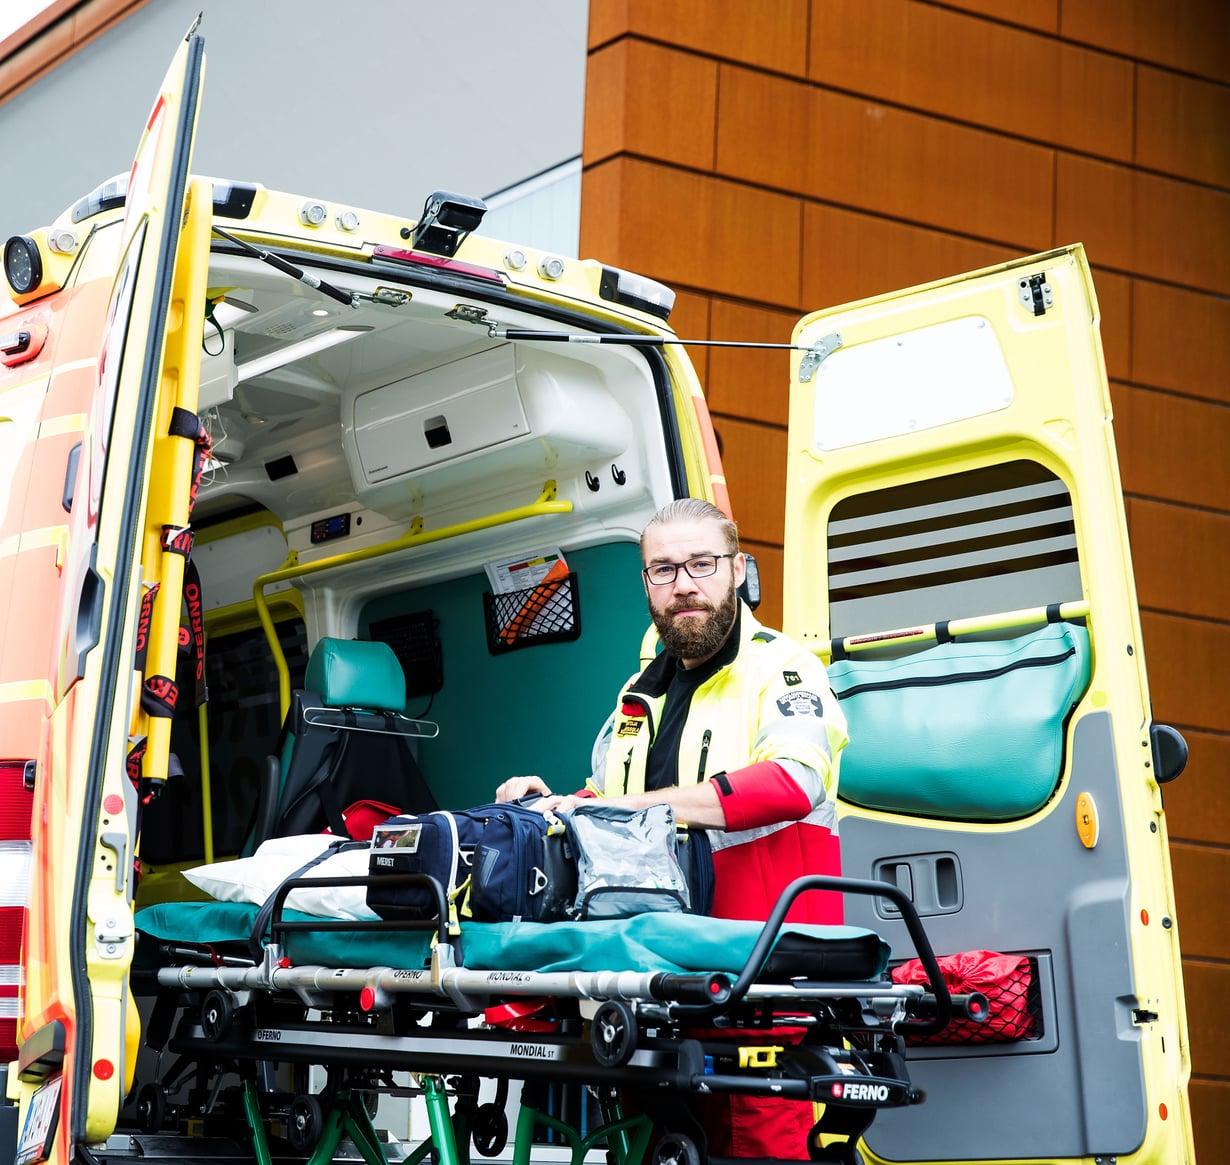 Kuolema on läsnä ambulanssin ensihoitajan Mika Länsisolan jokaisessa työvuorossa. Kuva: Satu Kemppainen